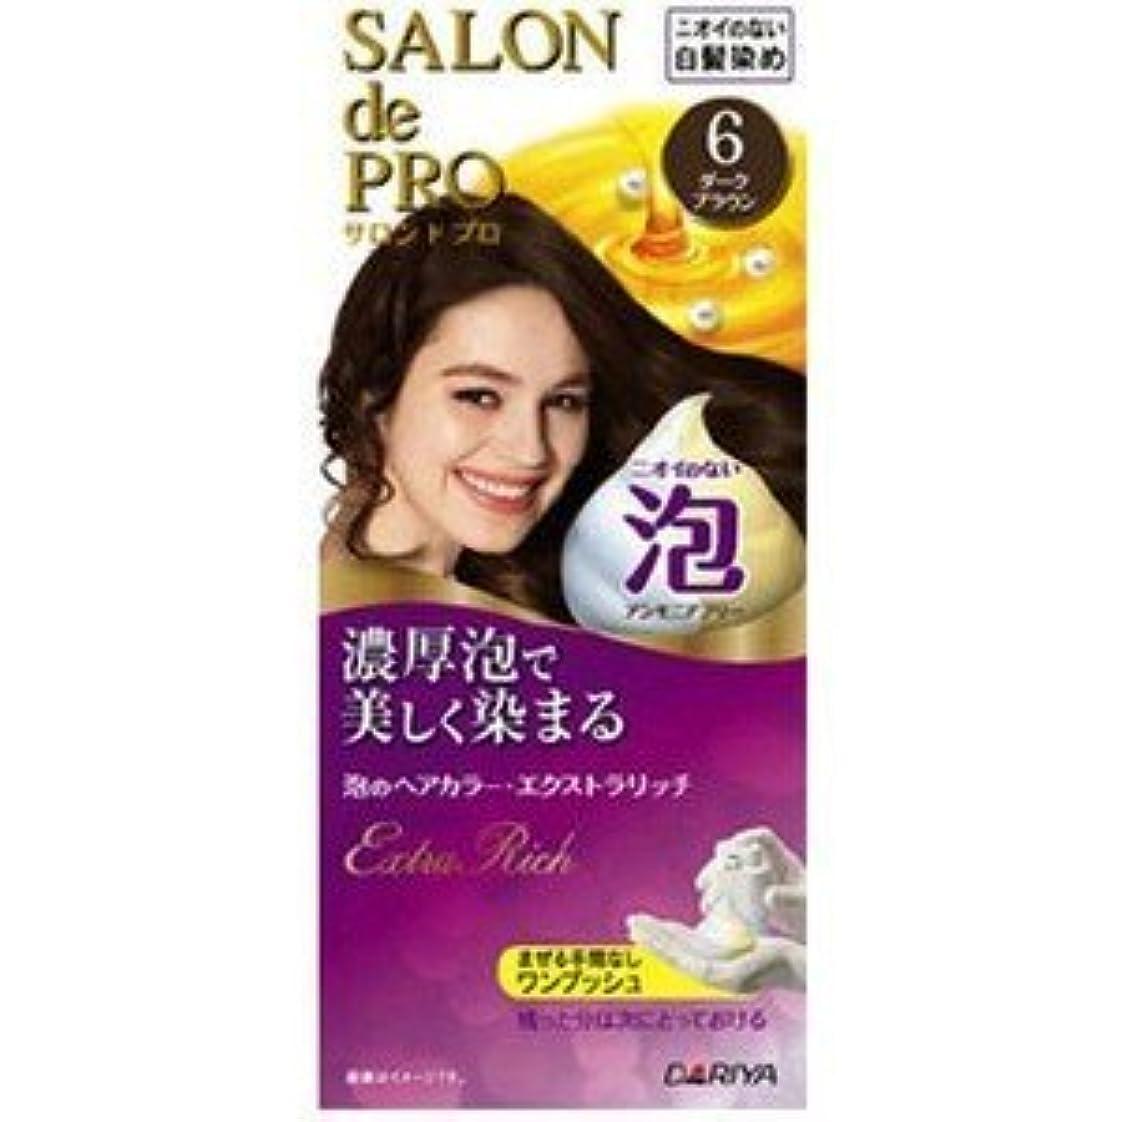 【ダリヤ】サロンドプロ 泡のヘアカラー?エクストラリッチ 6 ダークブラウン(医薬部外品)